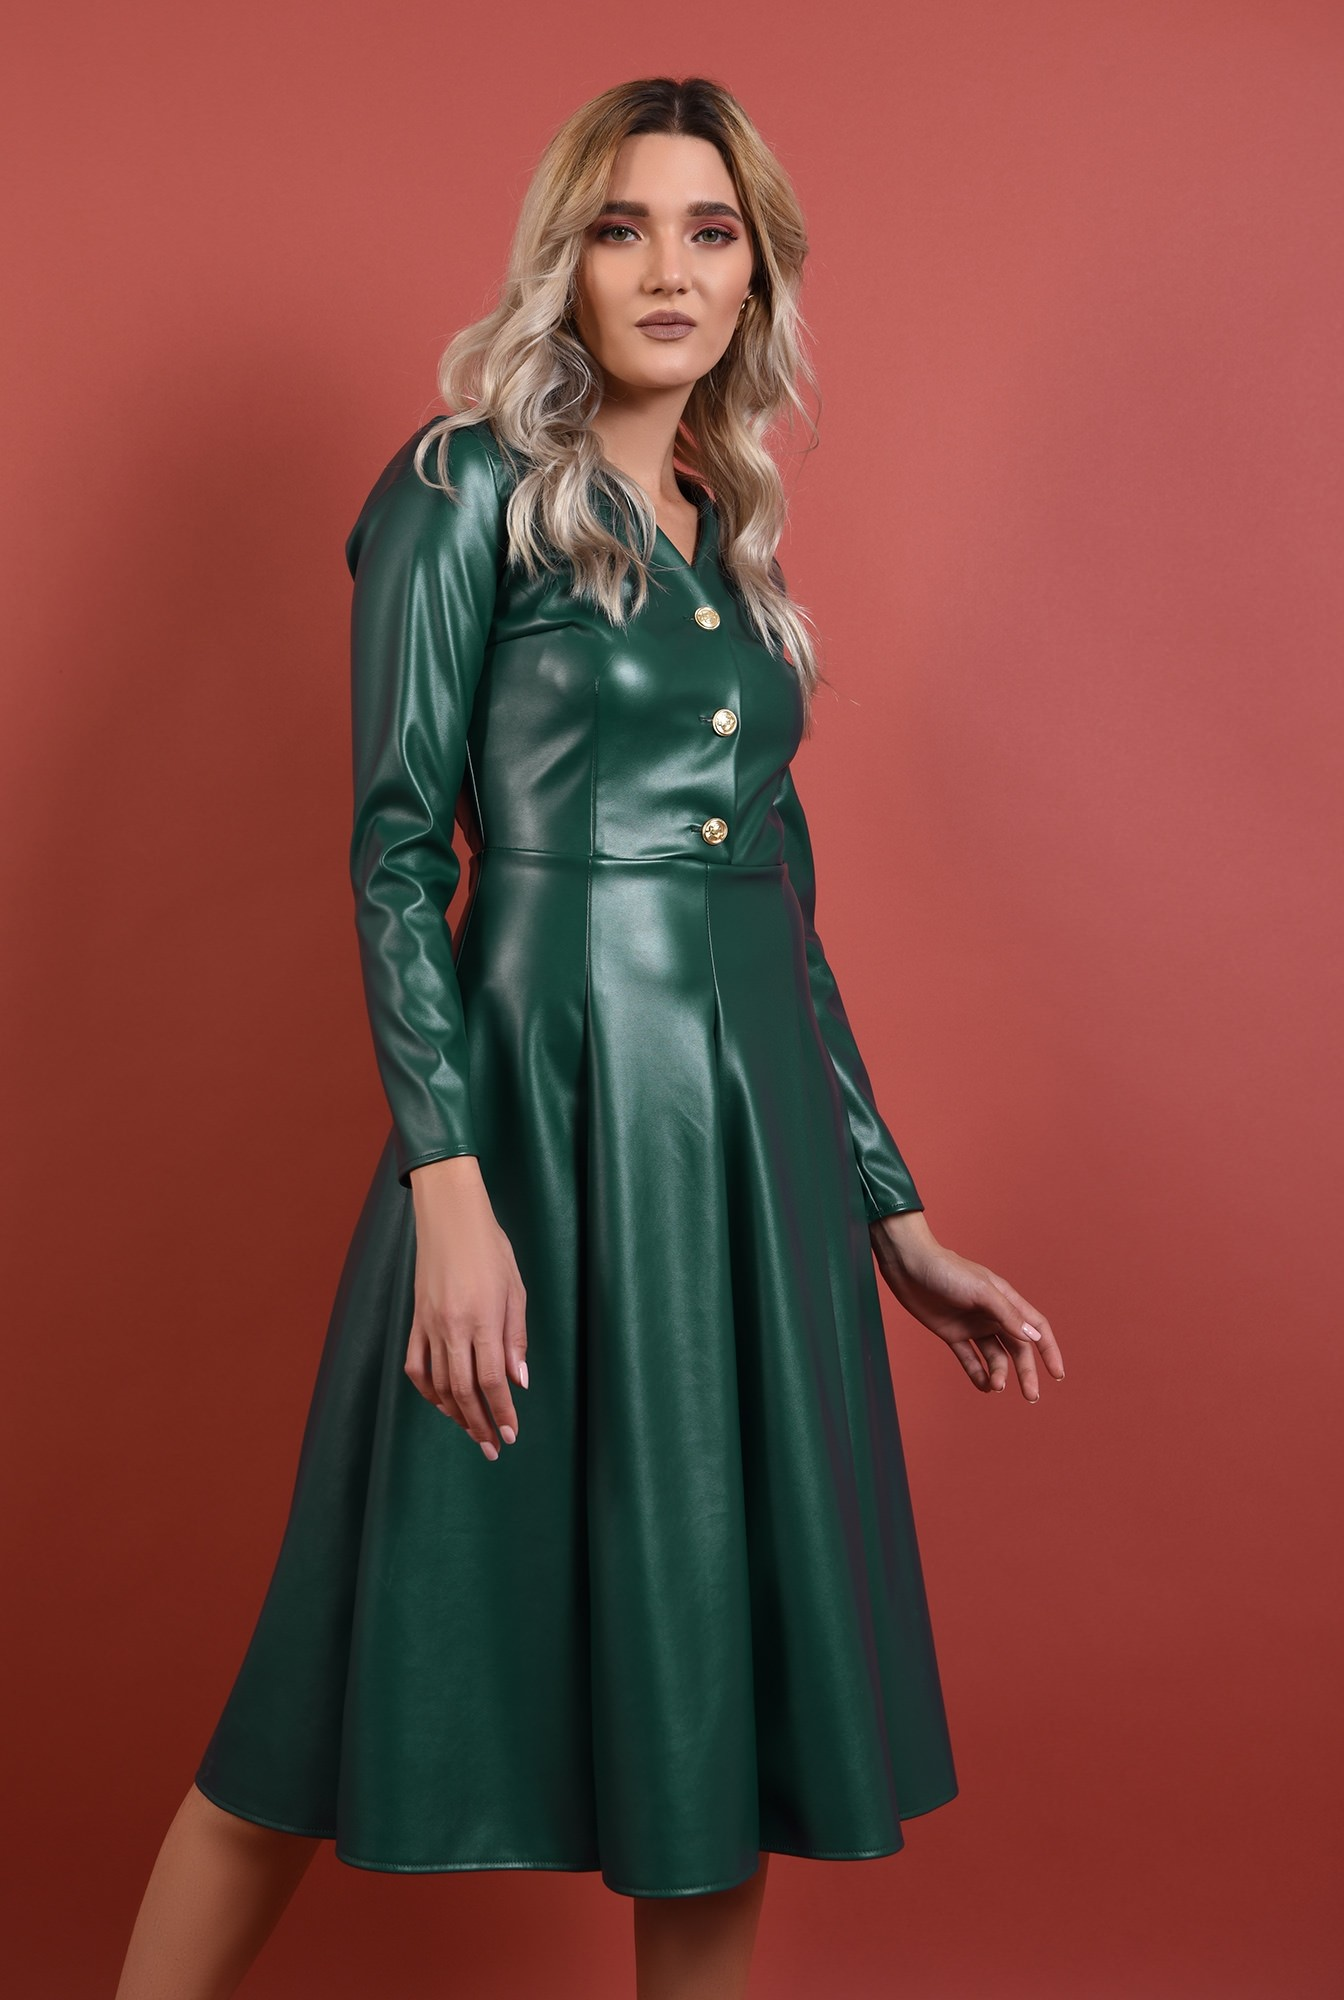 0 - rochie verde, piele, nasturi auii, decolteu anchior